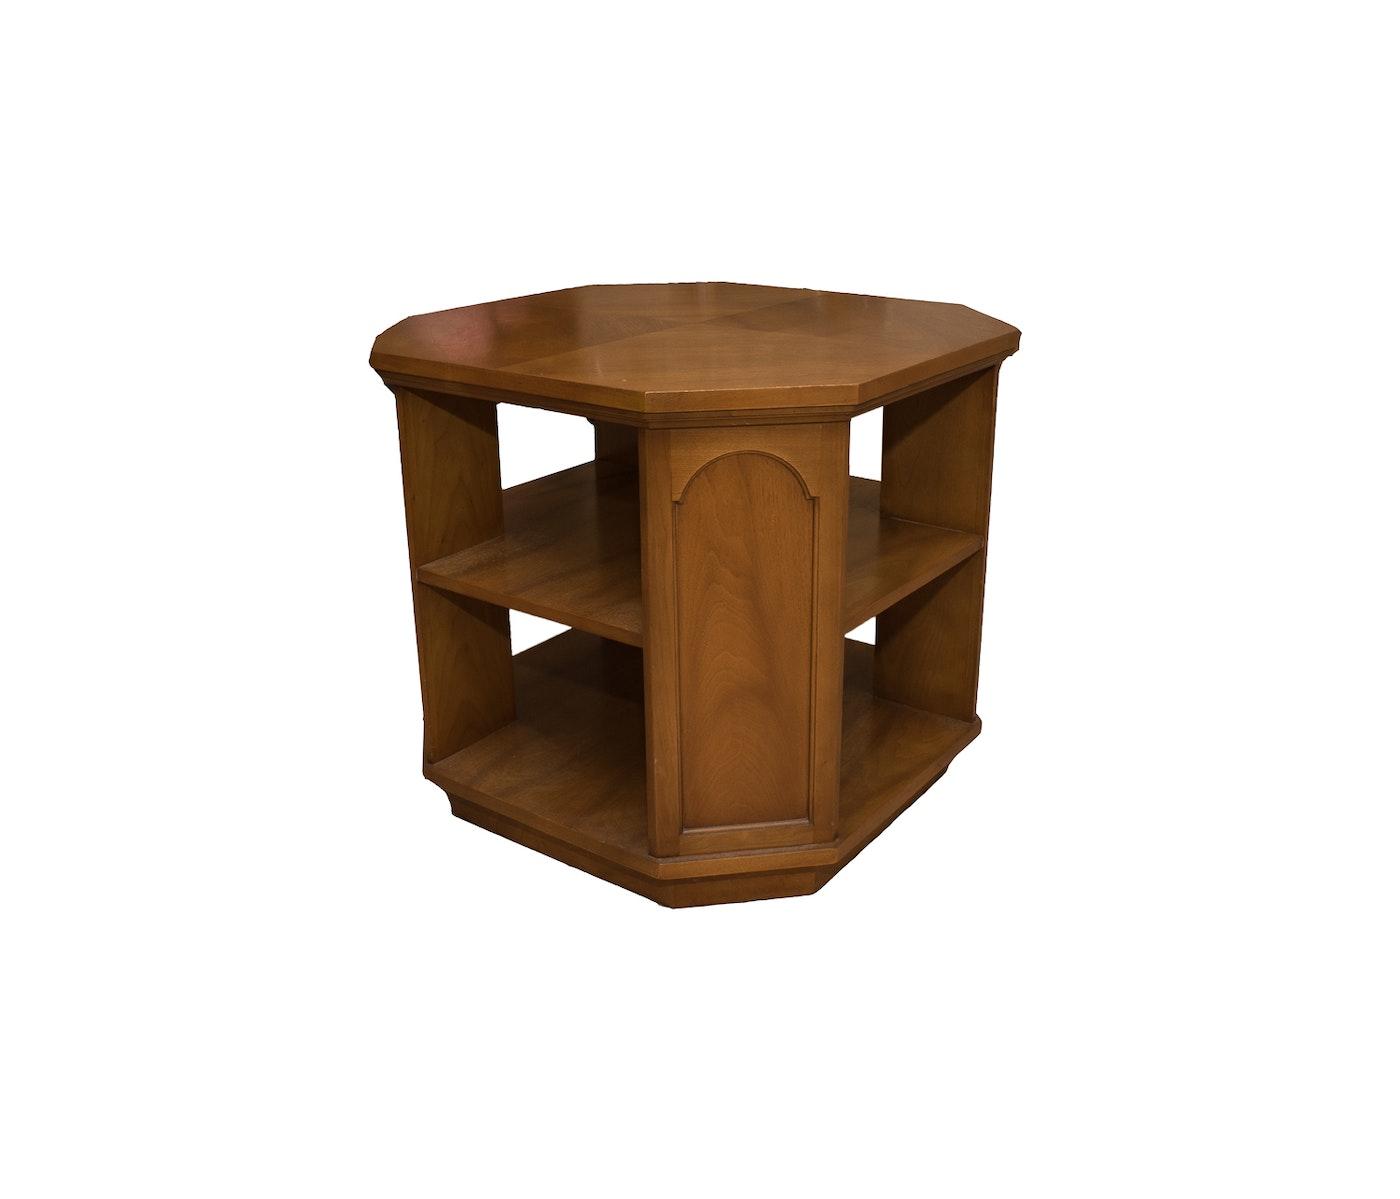 Octagonal table ebth for Table rrq 2015 52